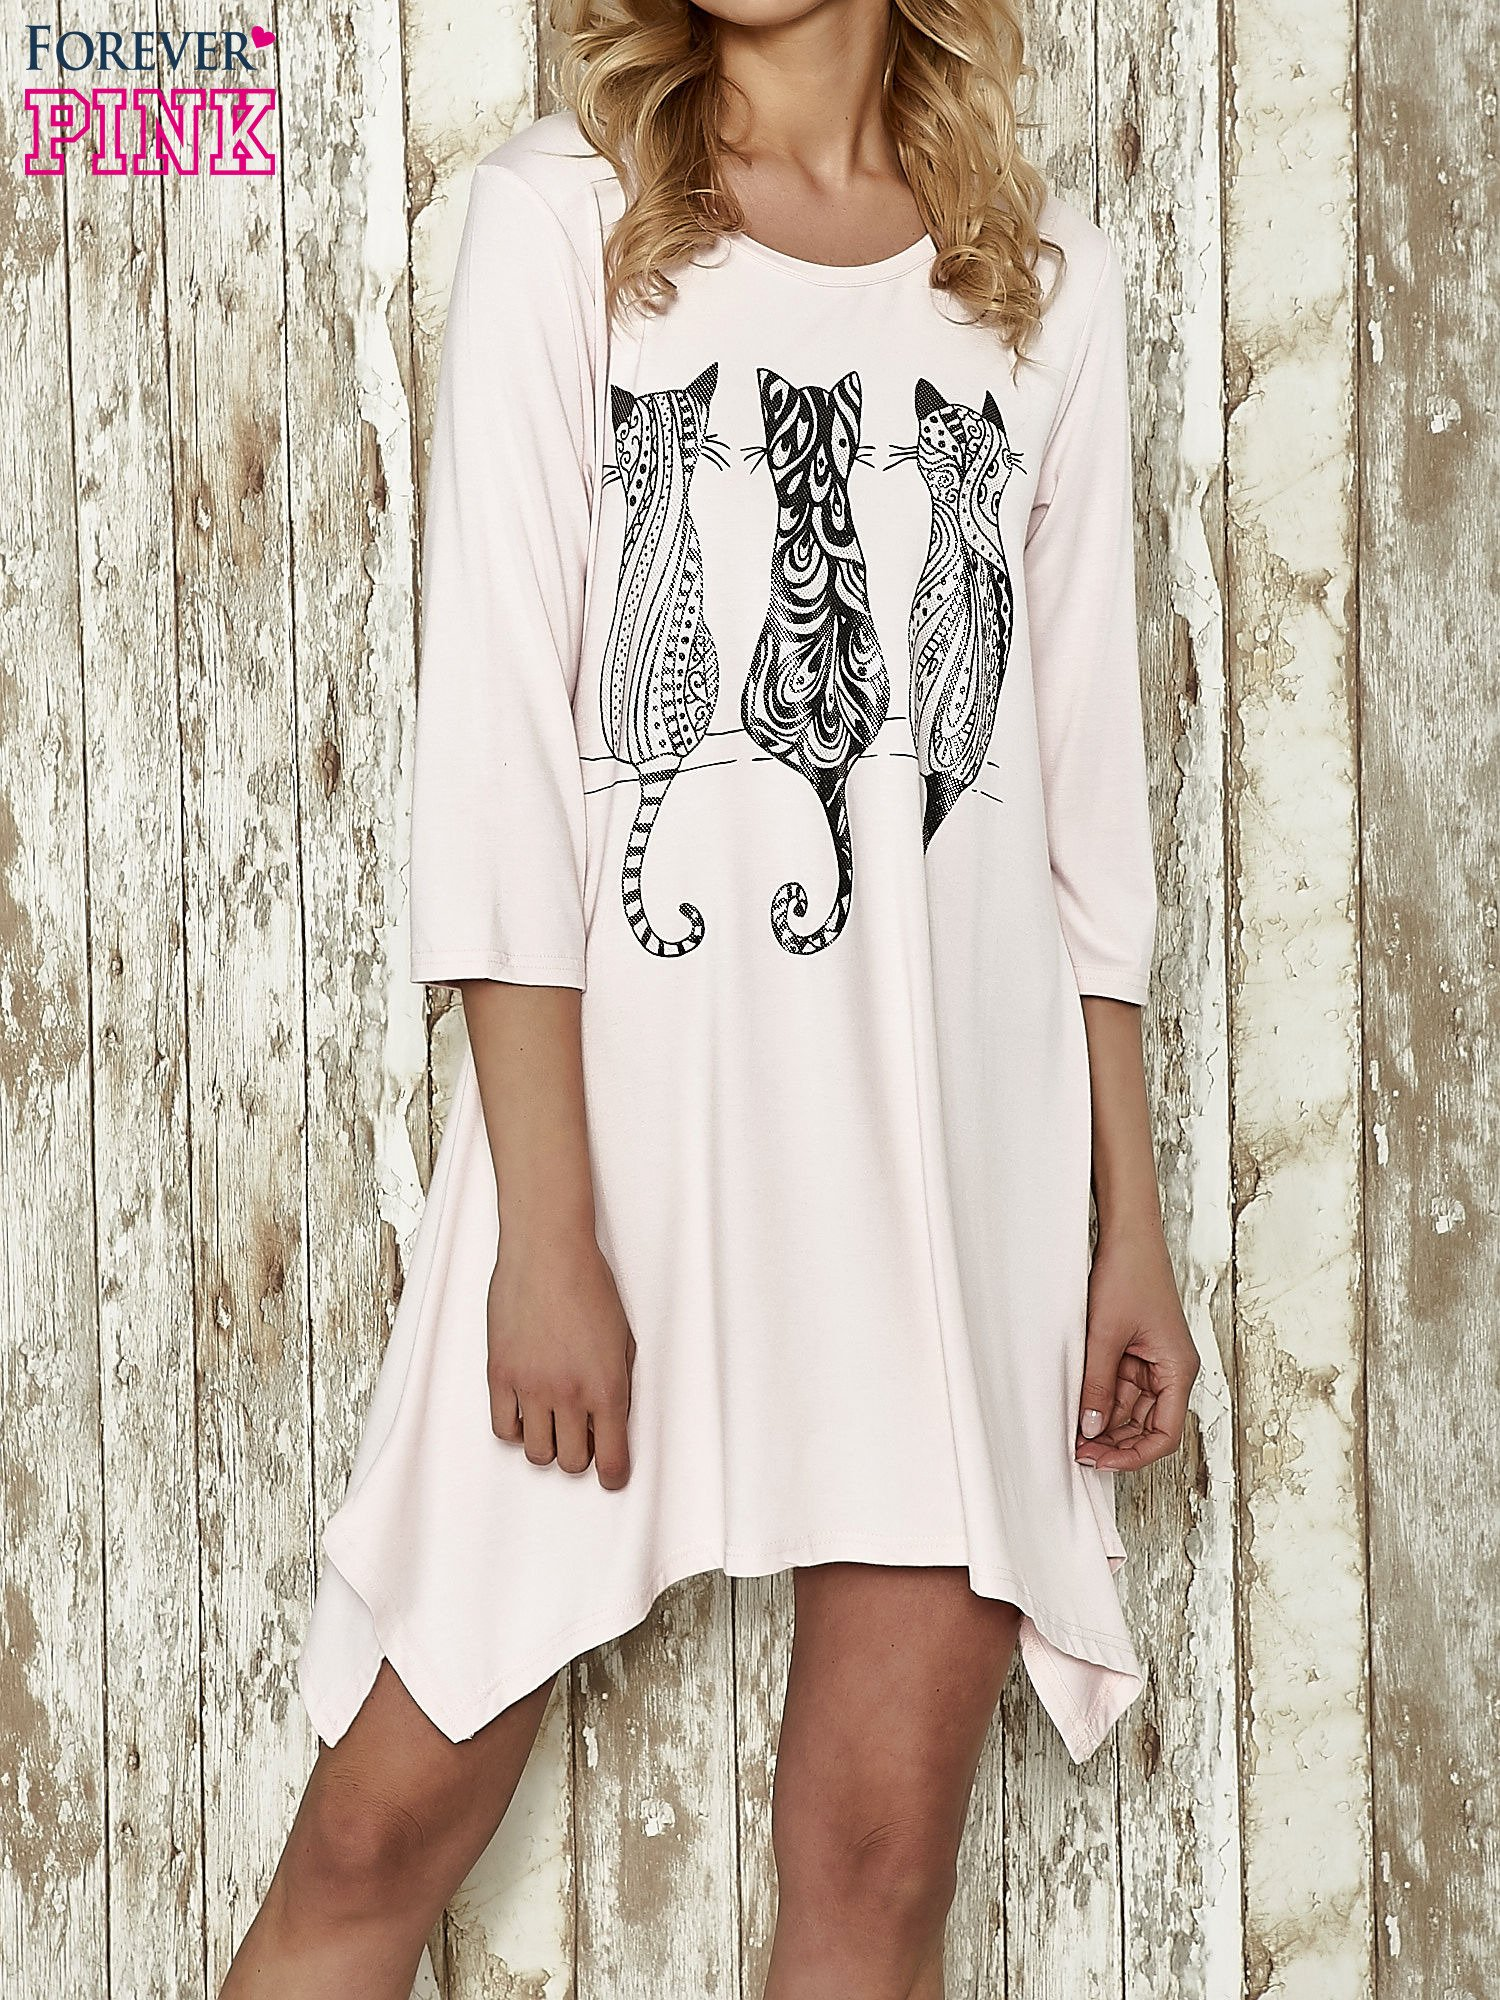 Różowa sukienka damska z nadrukiem kotów                                  zdj.                                  1